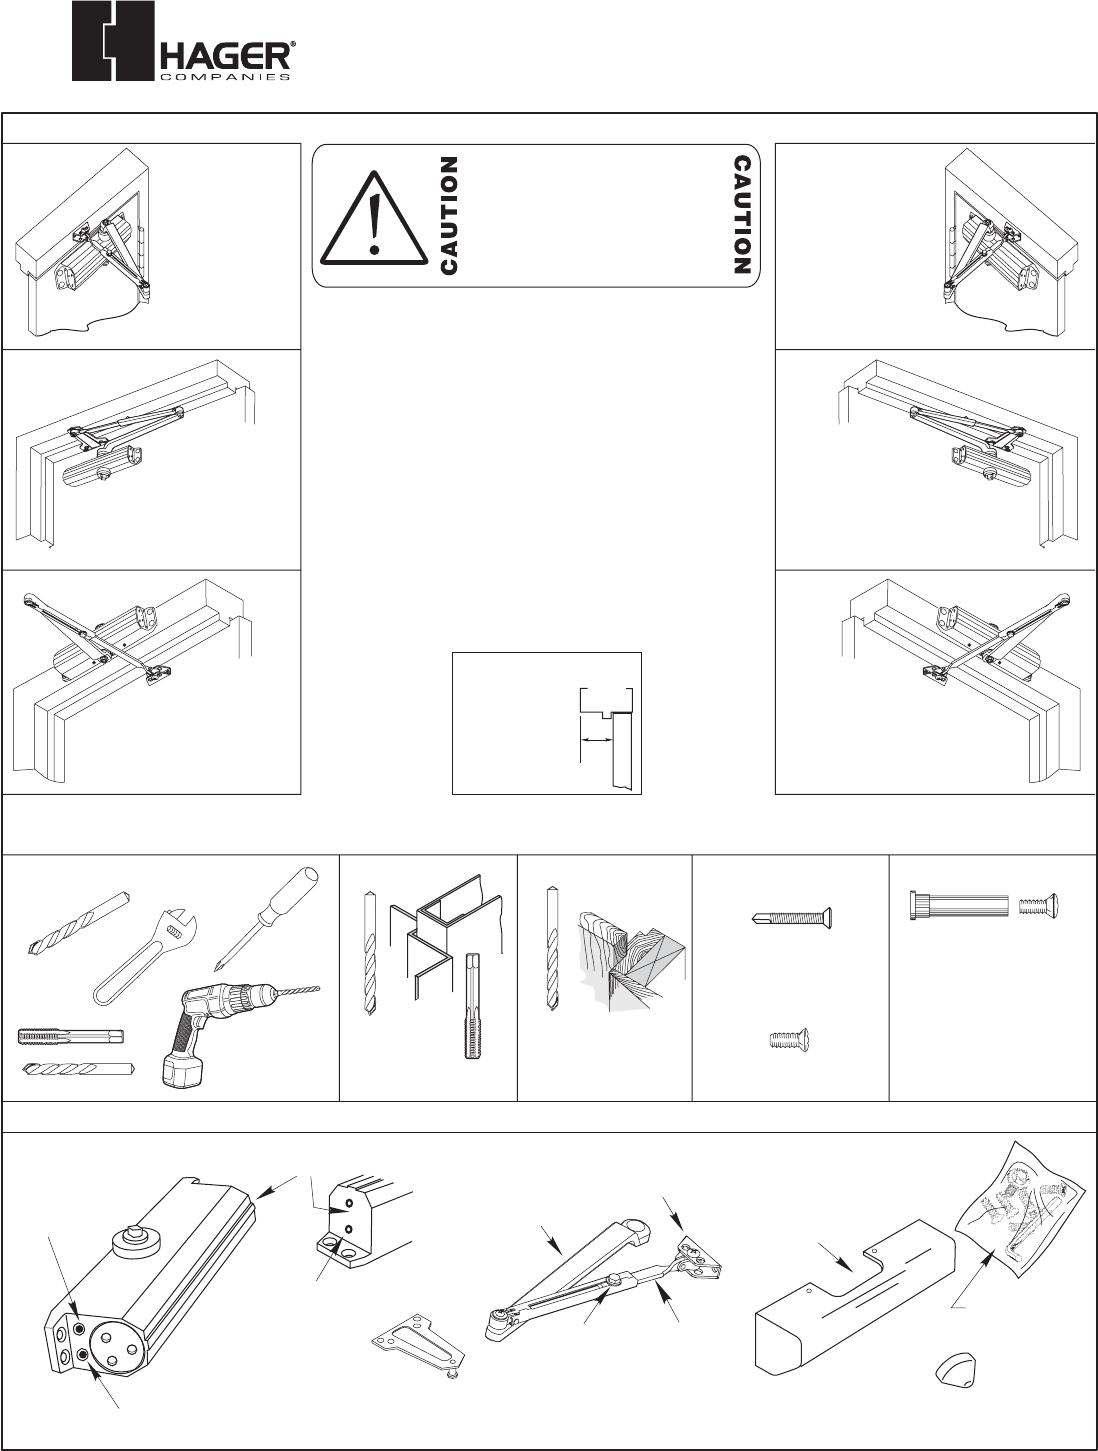 Hager 5300 P1 5 6 11 3 05 5300 Series Door Closer Installation Instructions Pg1 6 8 14 06 1